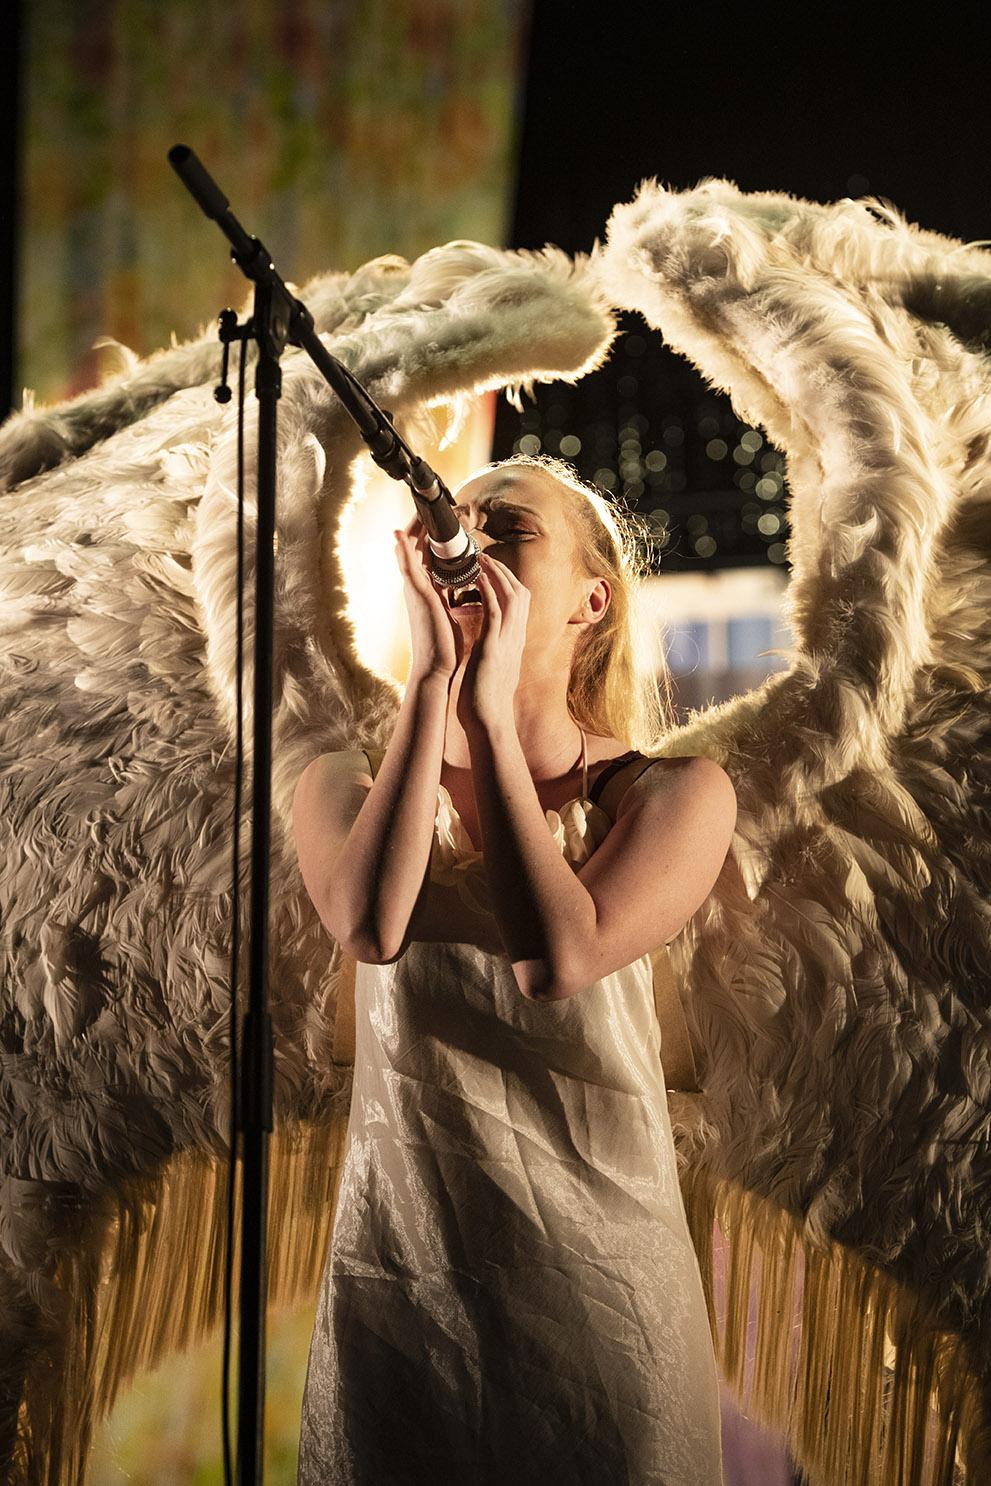 Truth or dare, Britney or Goofy, Nacht und Nebel, Jesus Christ or Superstar, photo:Fred Debrock